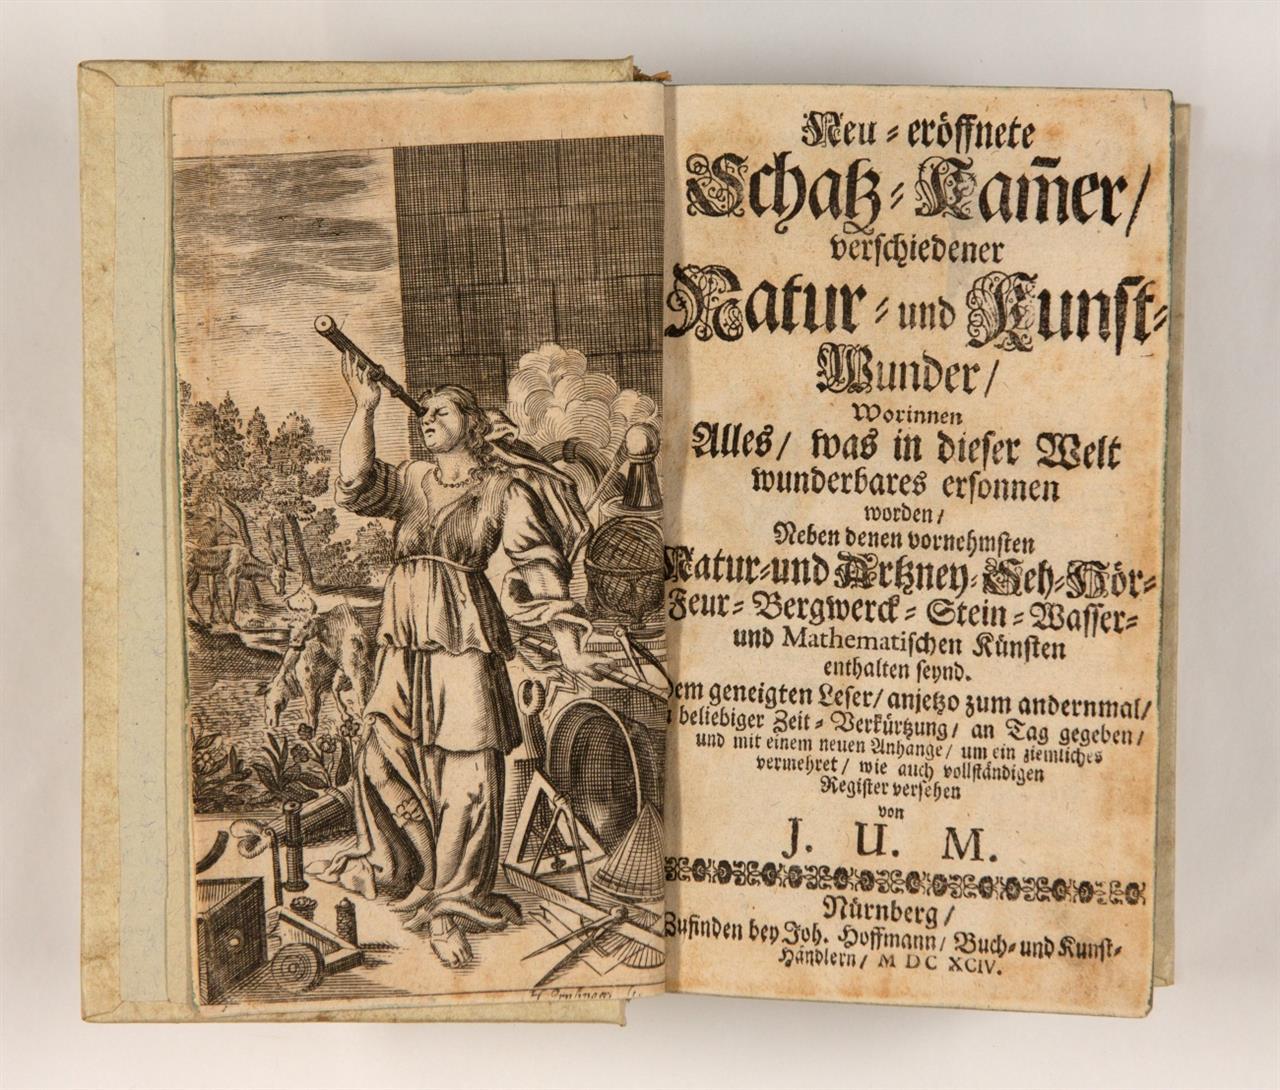 J. U. Müller, Neu-eröffnete Schatz-Kammer, verschiedener Natur- und Kunst-Wunder ... 2. Aufl. Nürnberg 1694.